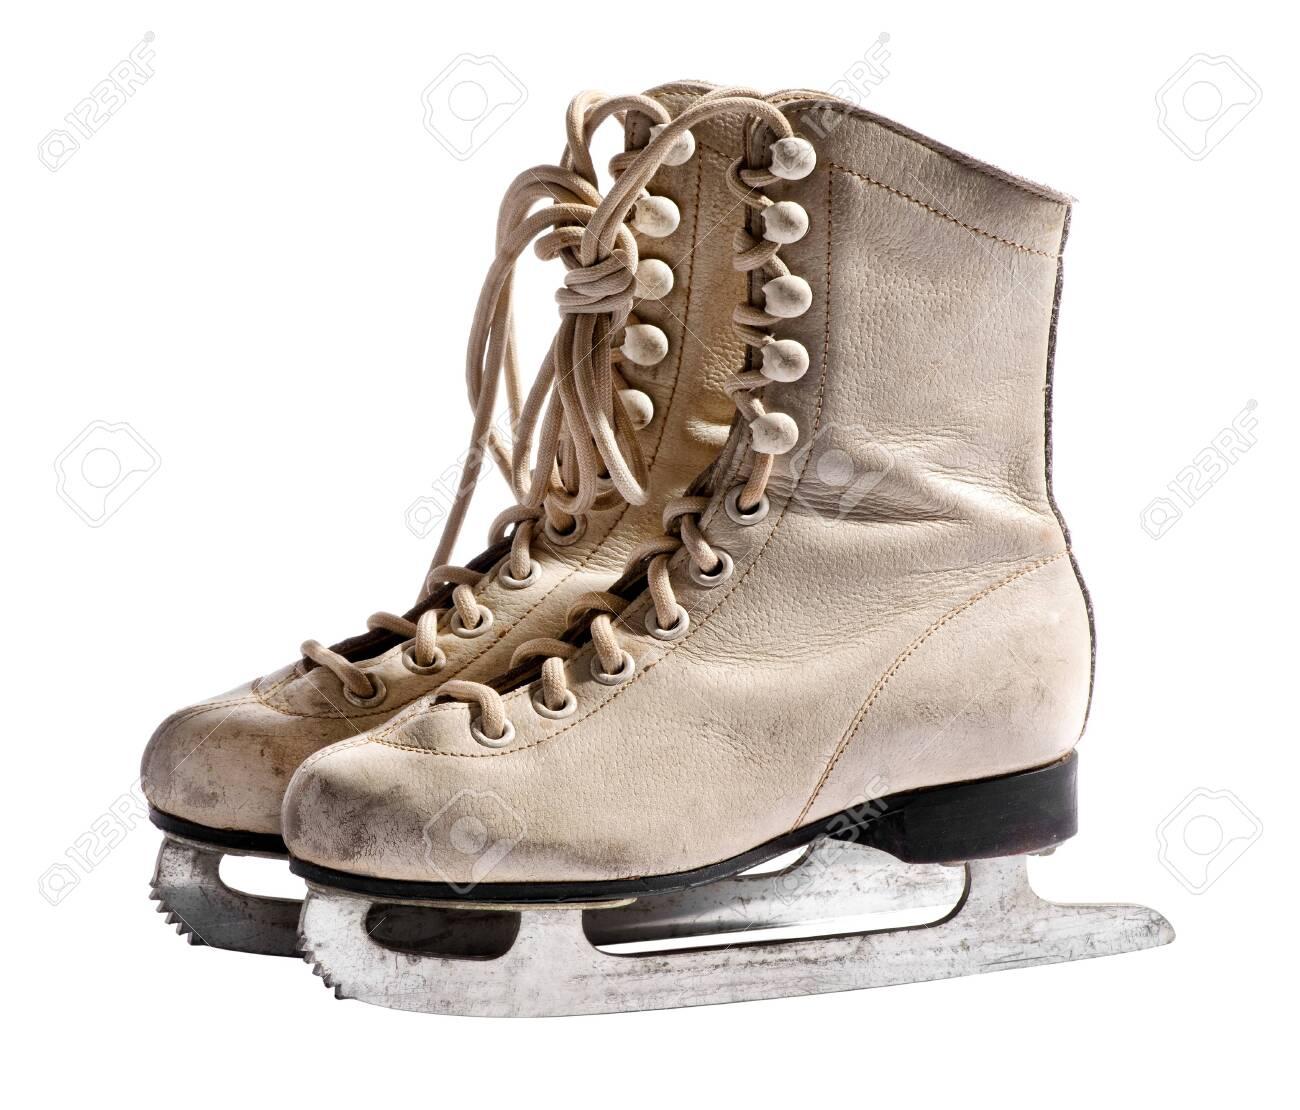 94da6e8973119 Old used white leather ice skates isolated on white background